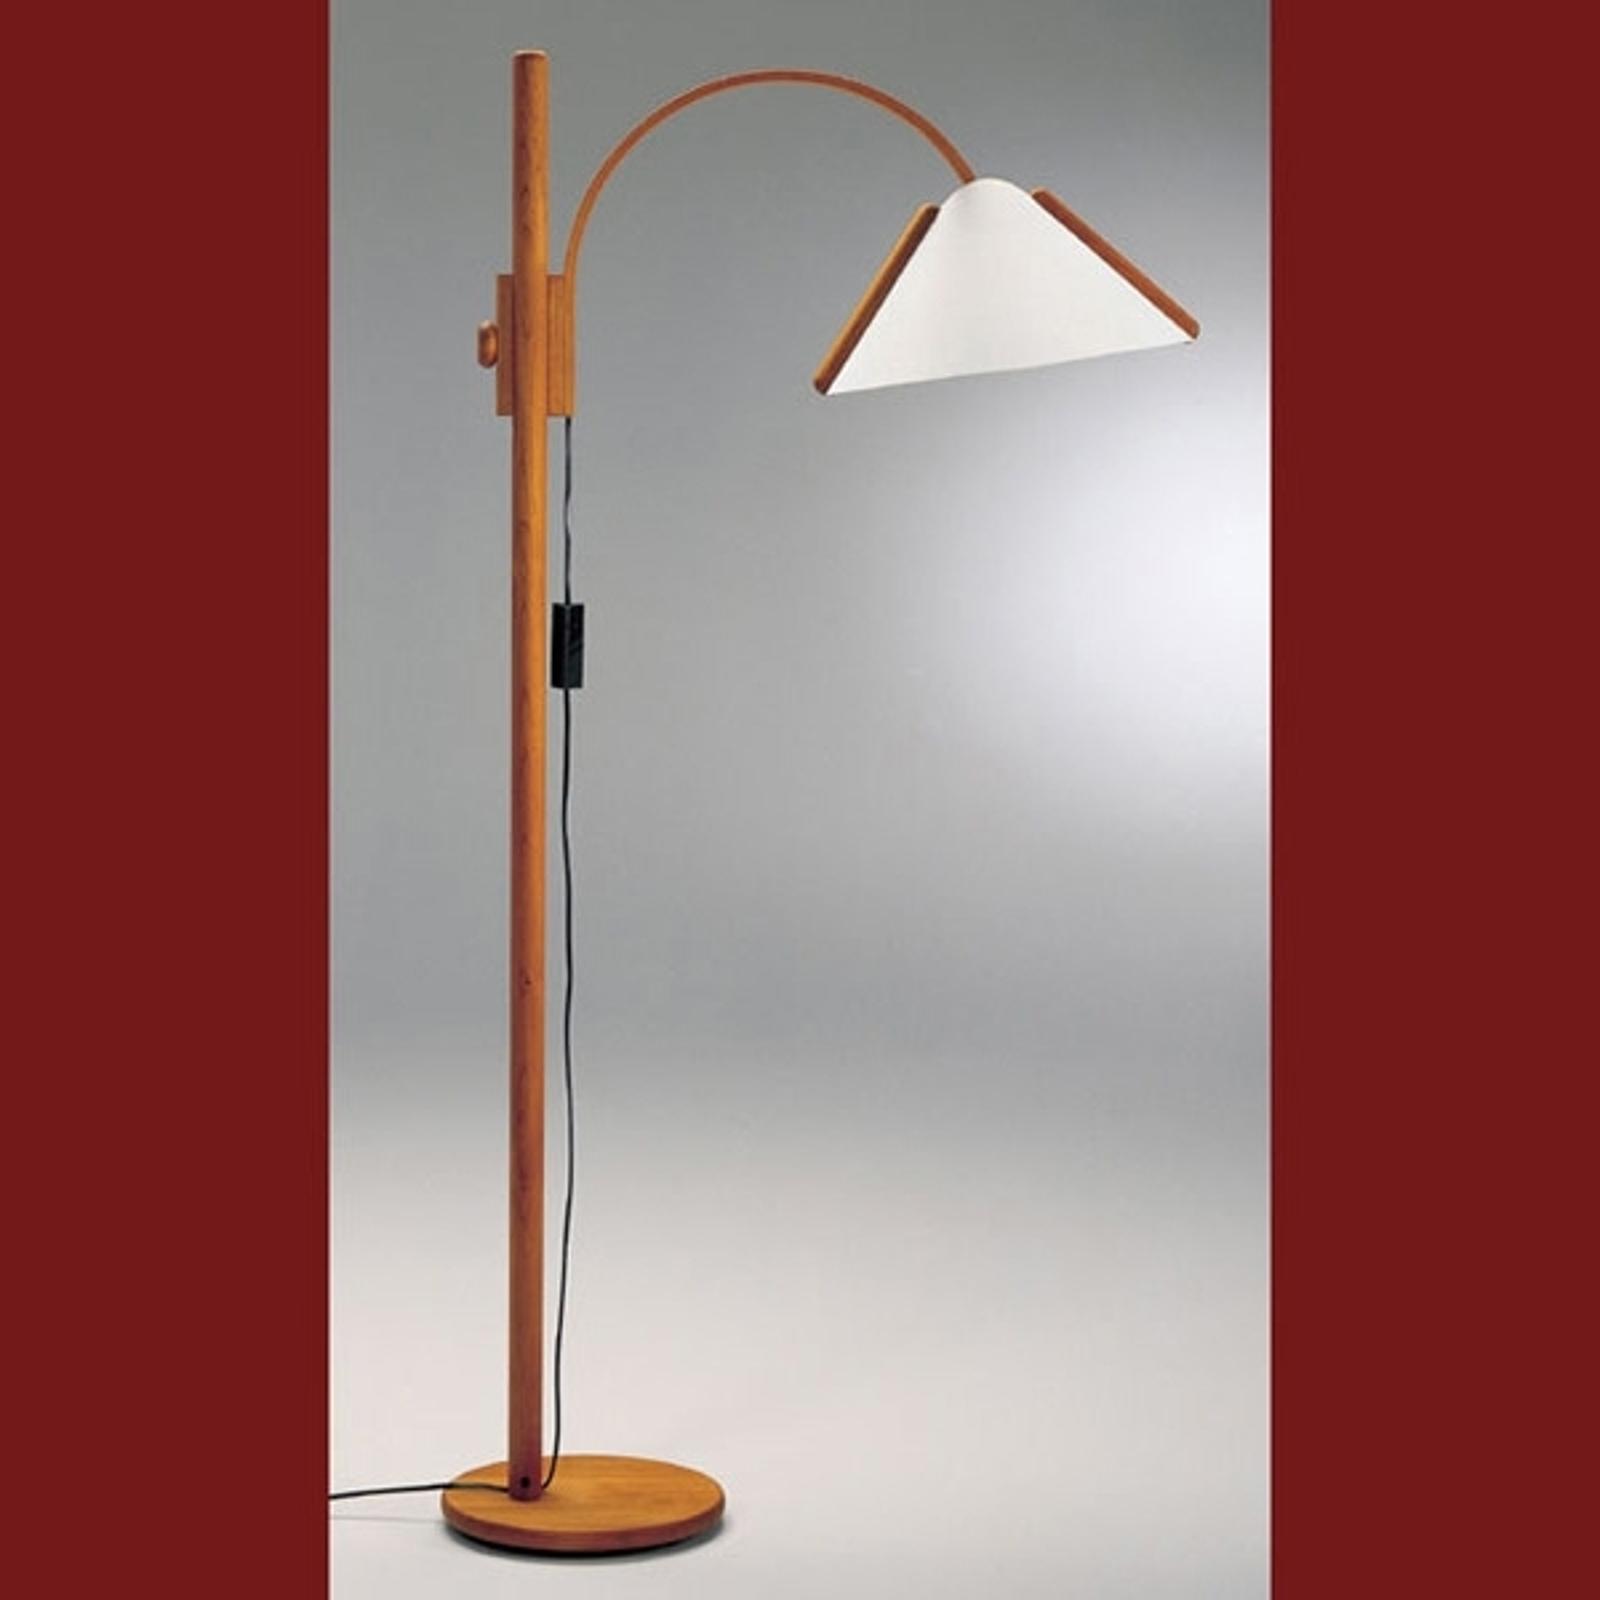 Stojaca lampa Arcade s dreveným rámom_2600011_1